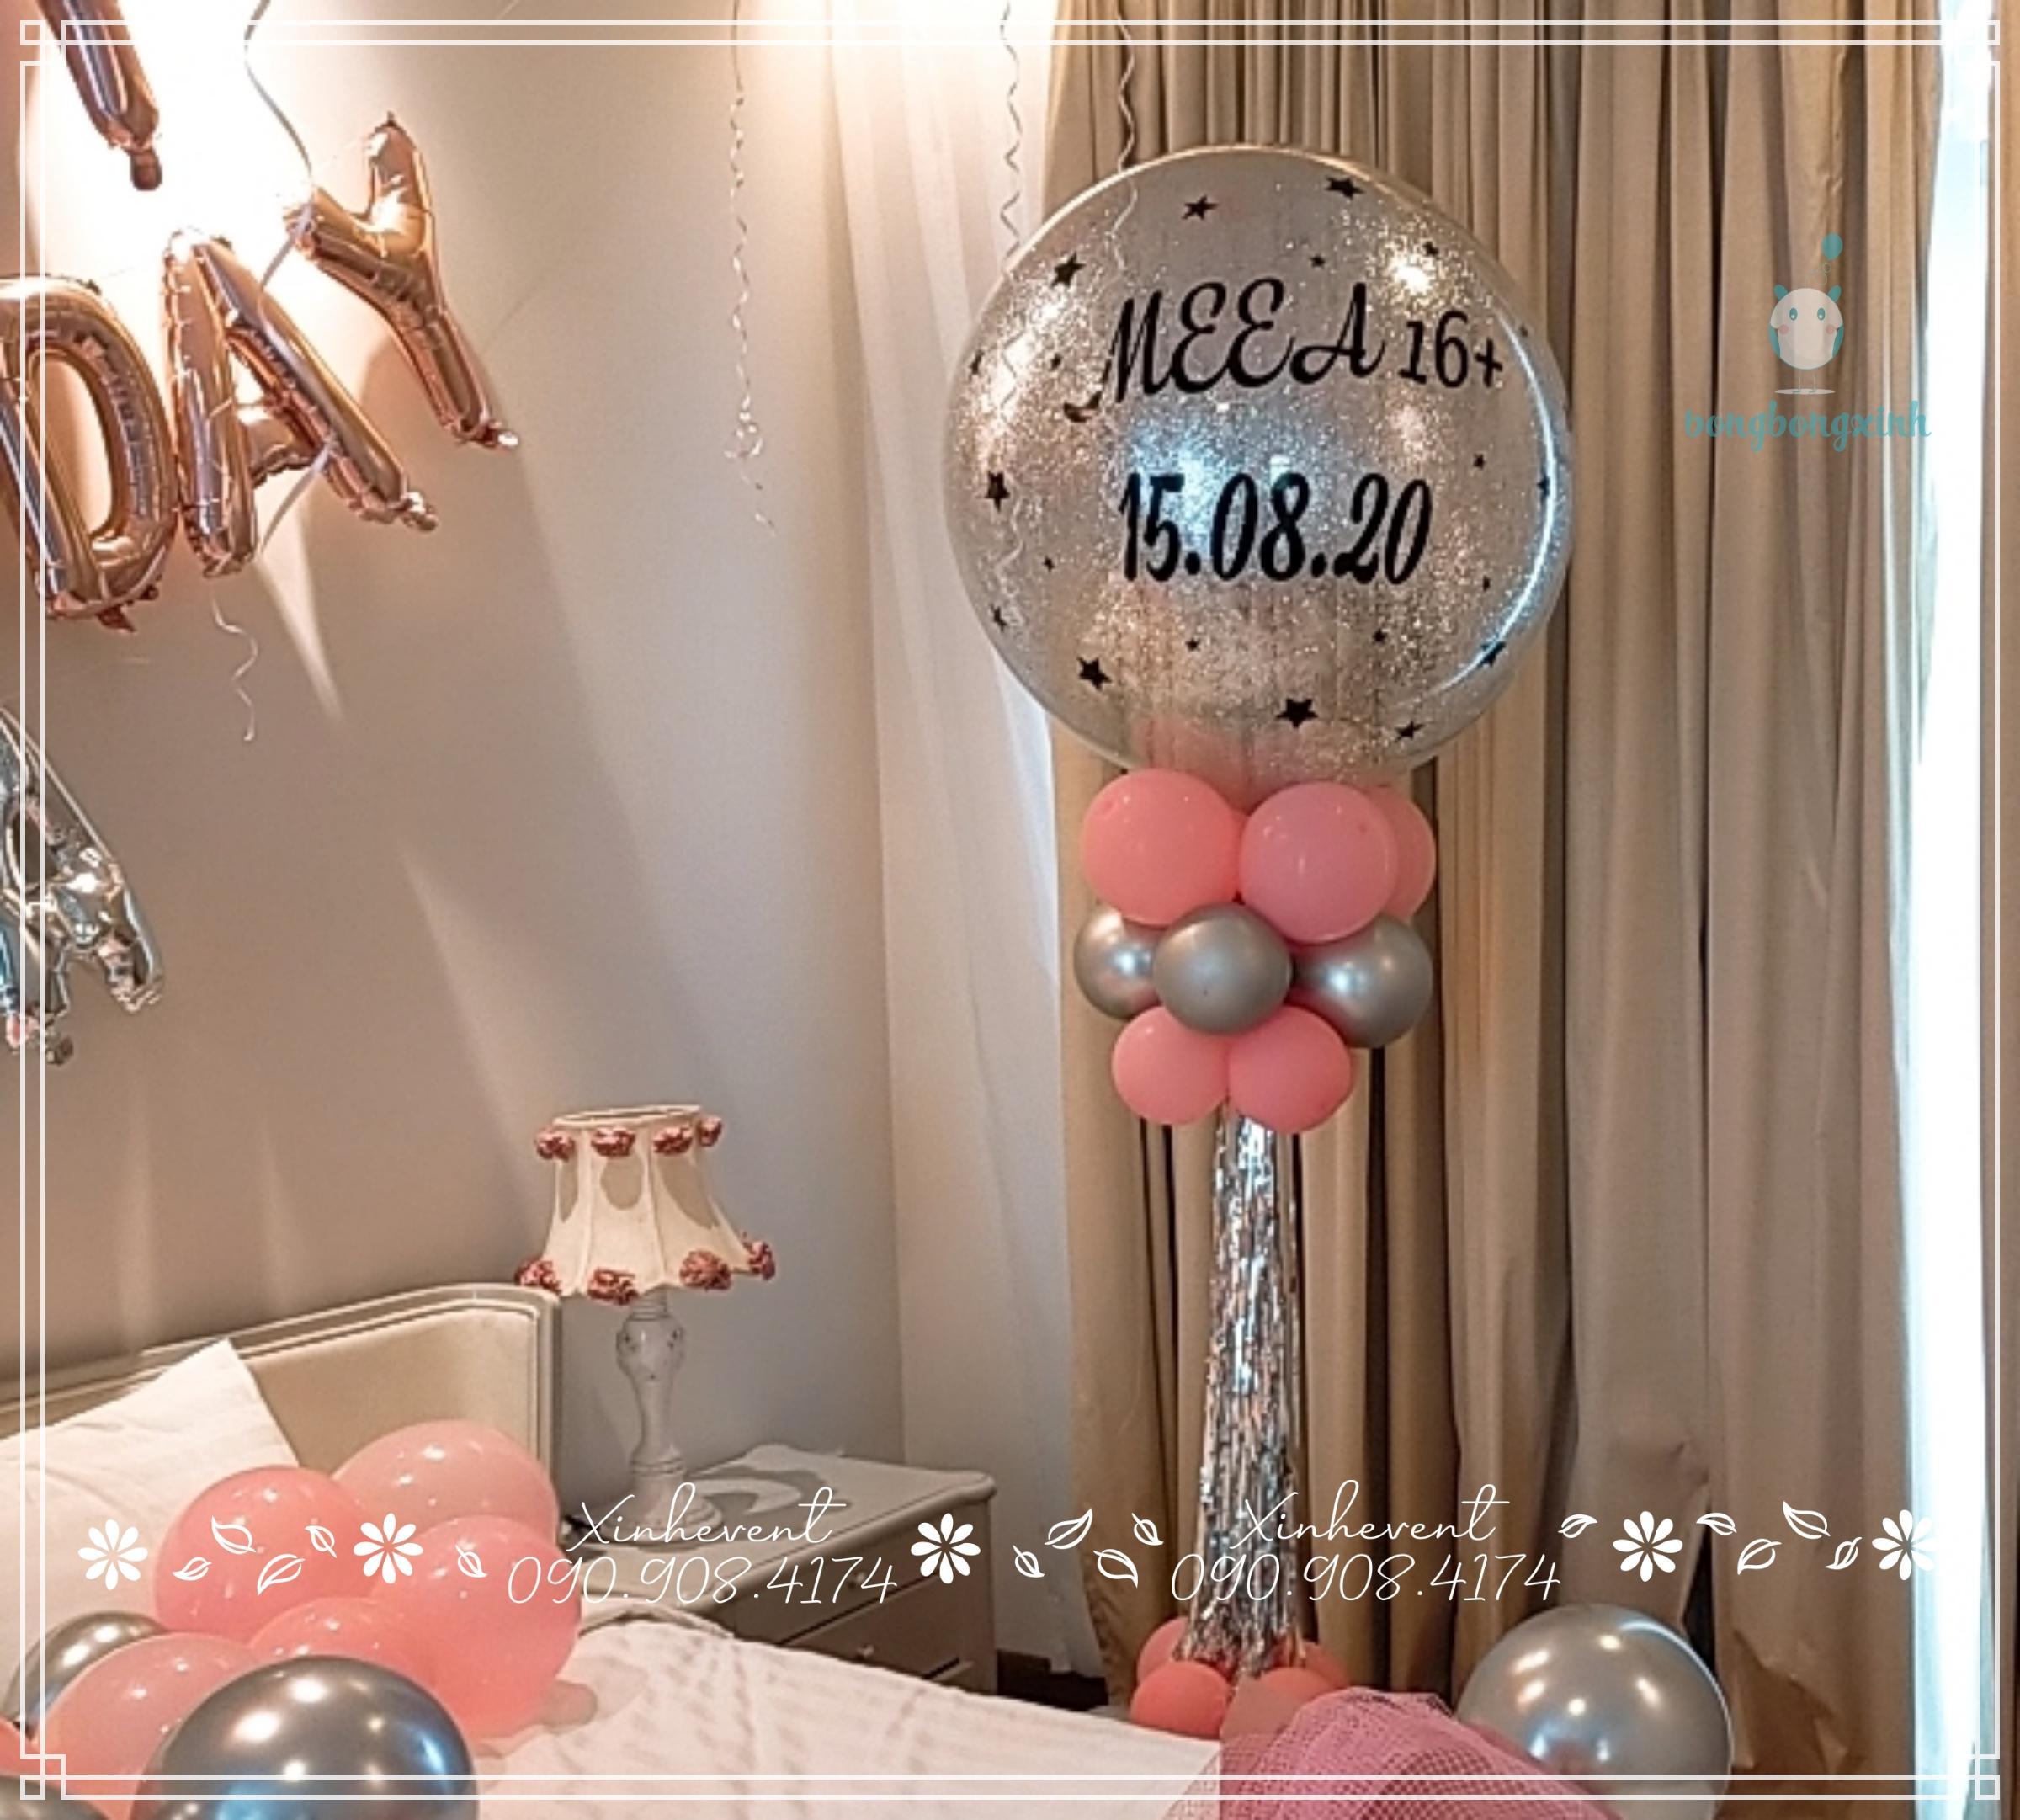 Trụ bong bóng trang trí phòng sinh nhật bạn nữ xinh đẹp Meea